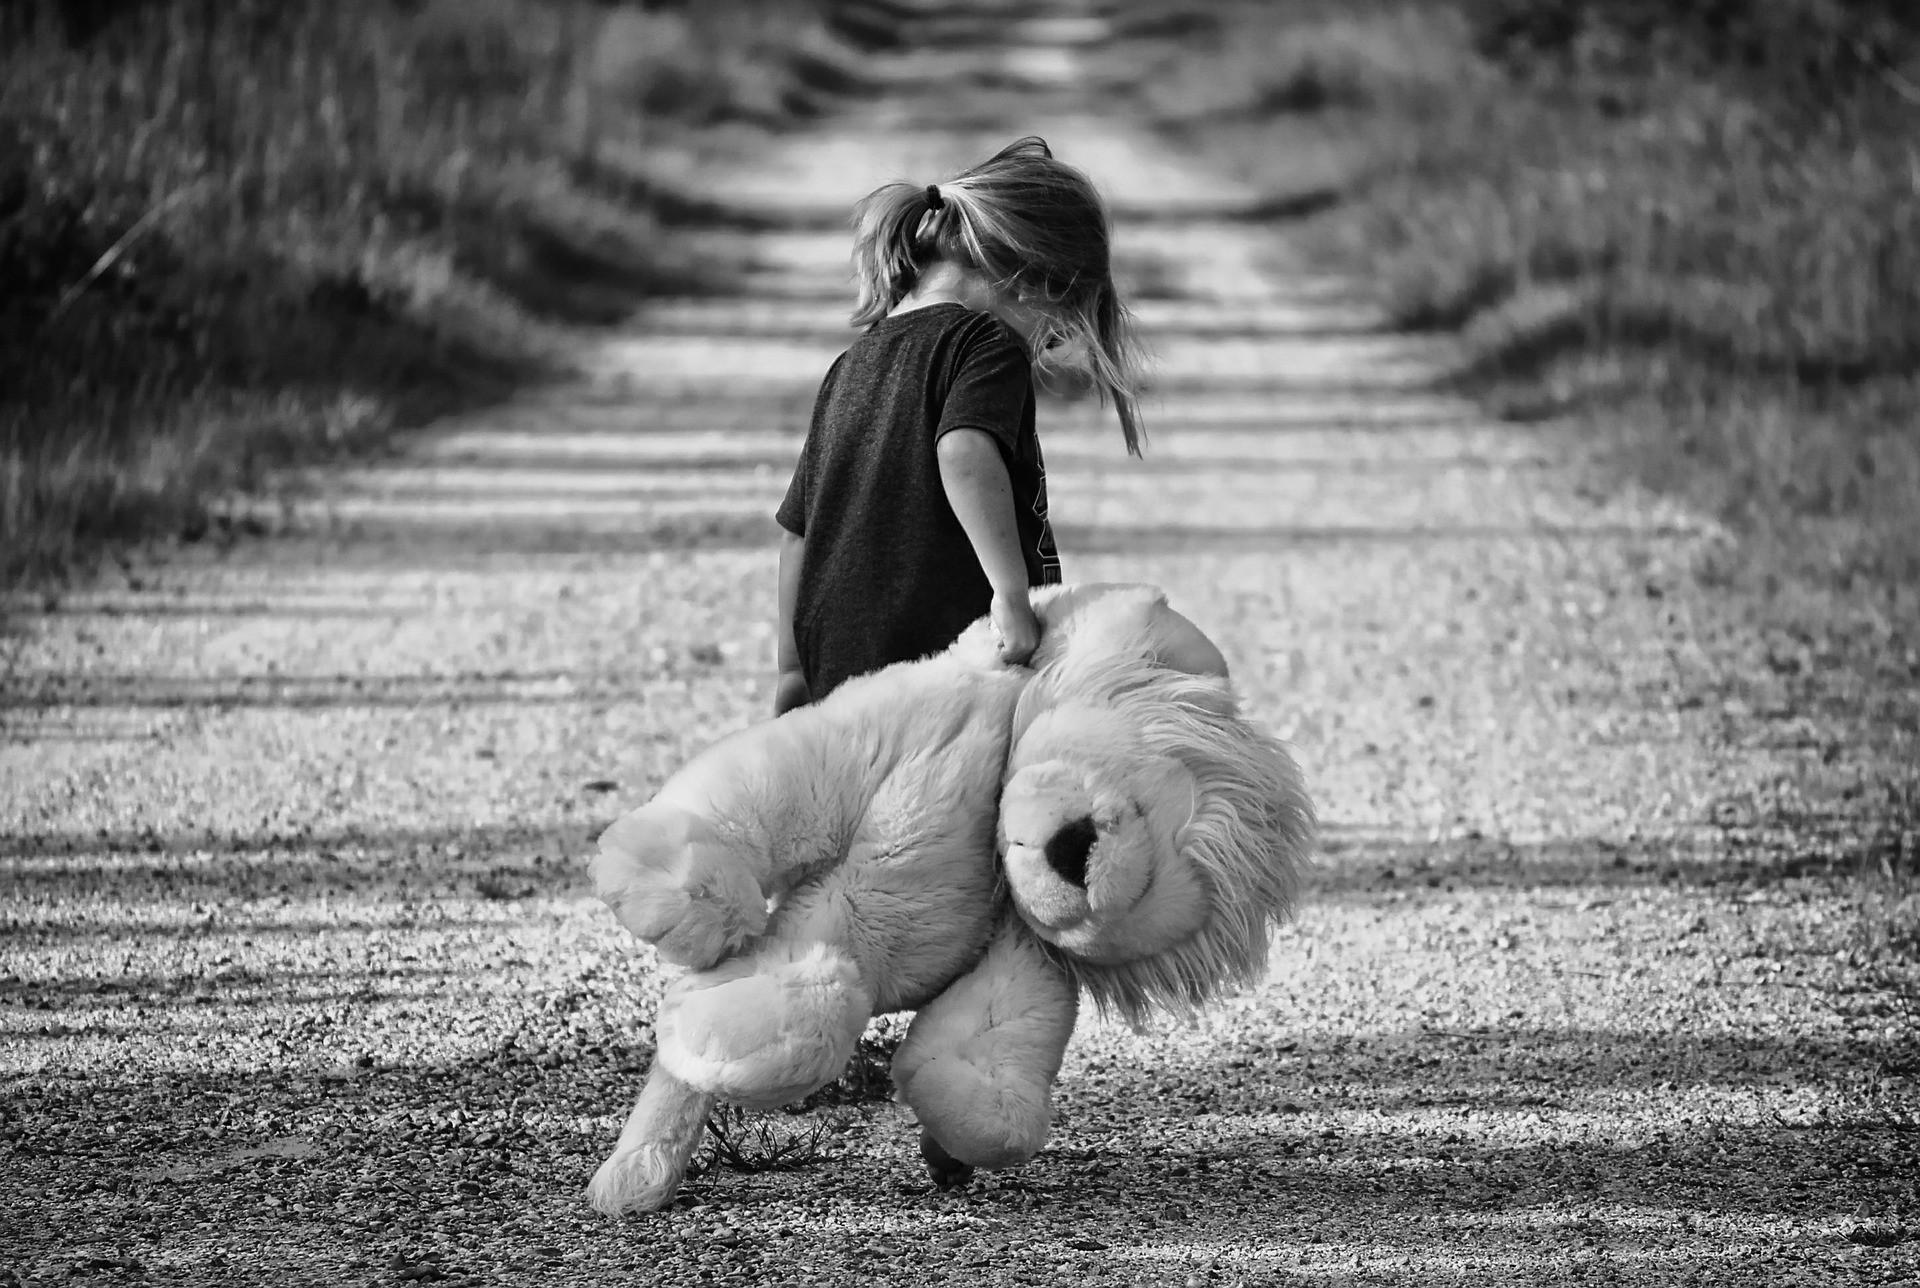 ▲小孩,難過,傷心, 。(圖/取自免費圖庫Pixabay)